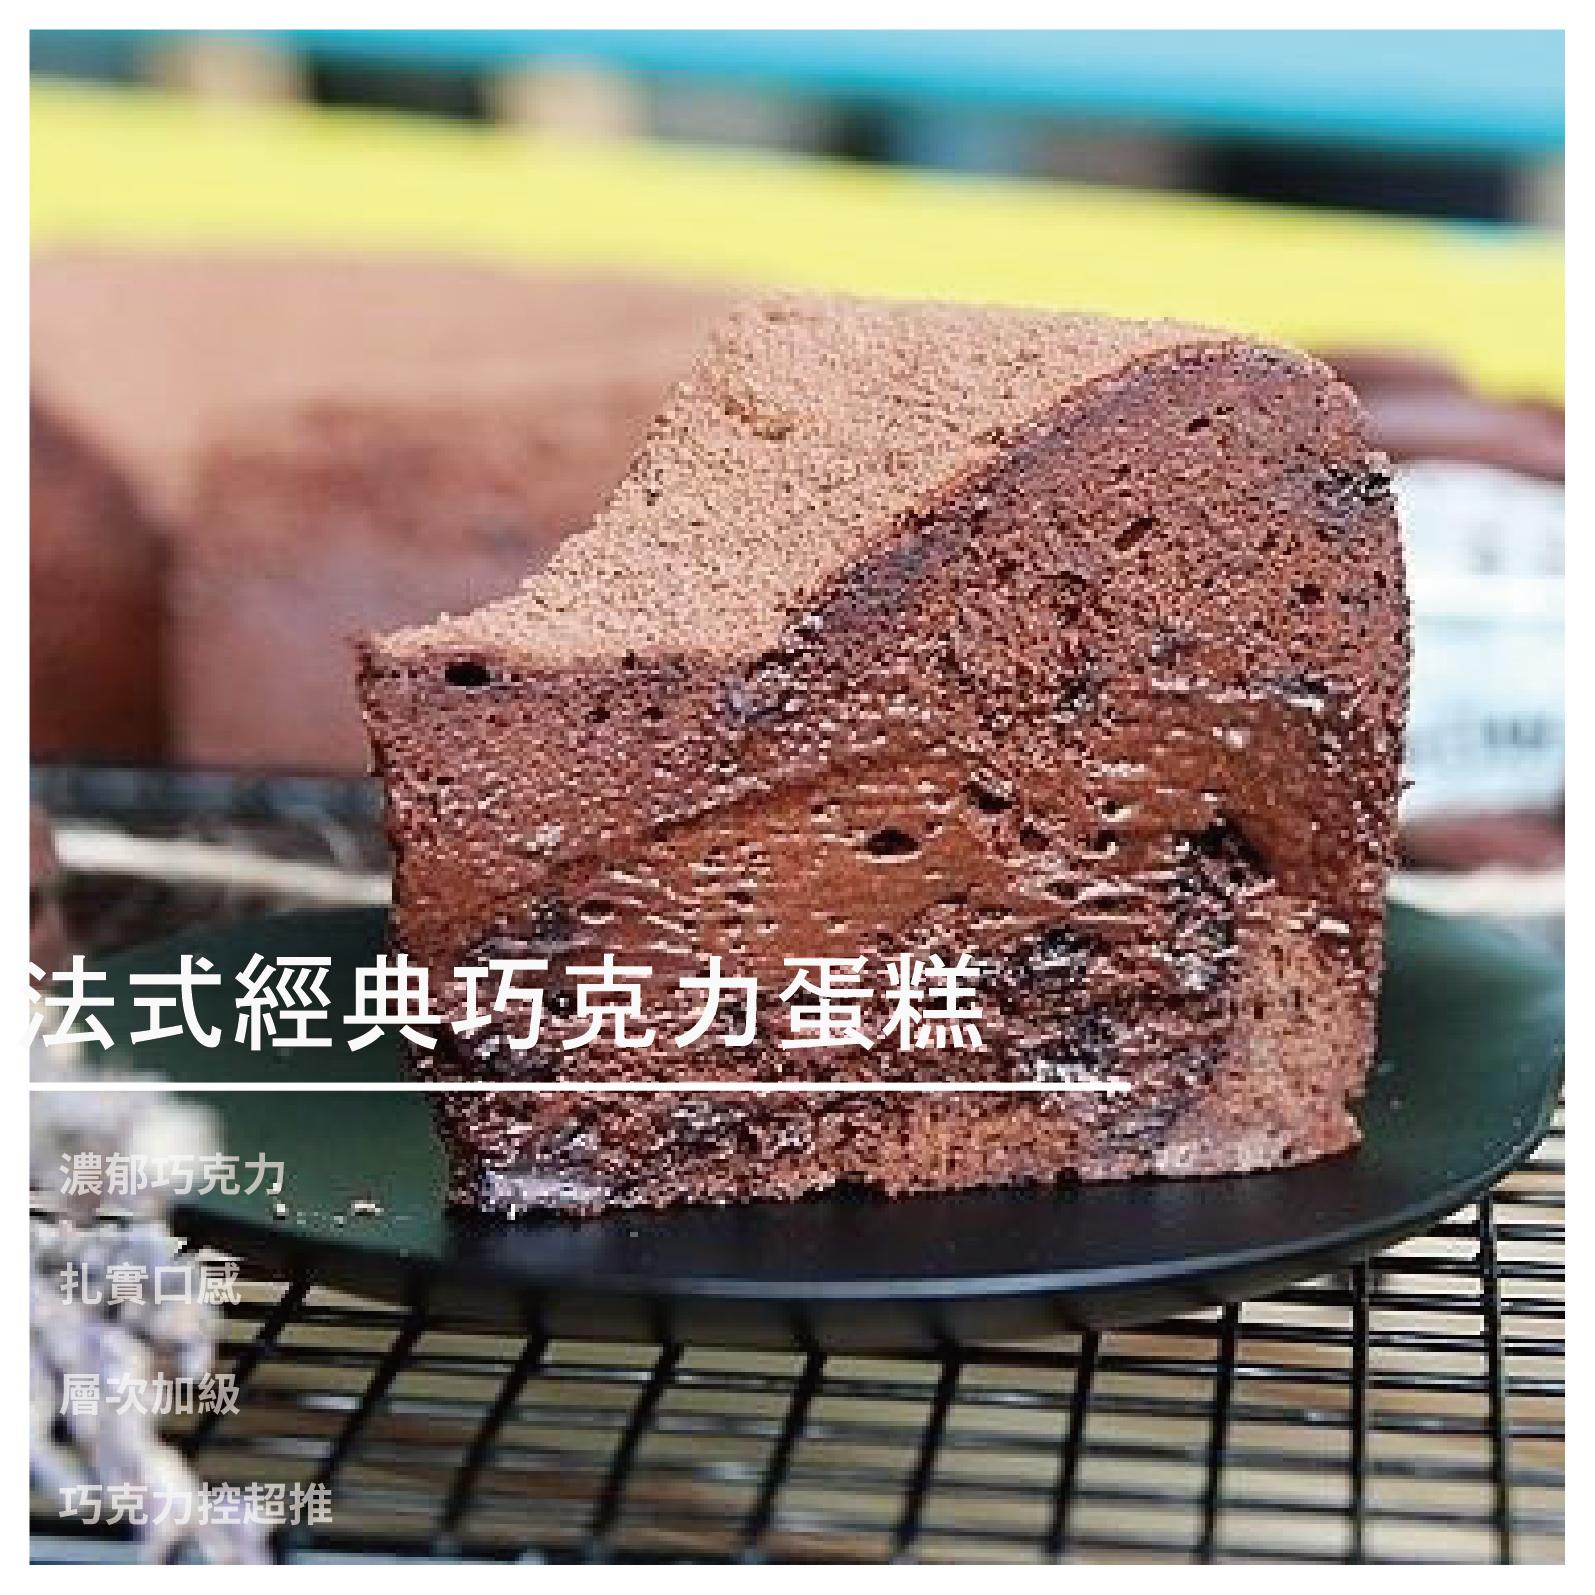 【栗卡朵洋菓子工坊】招牌法式經典巧克力蛋糕4.5吋 新上市優惠中~